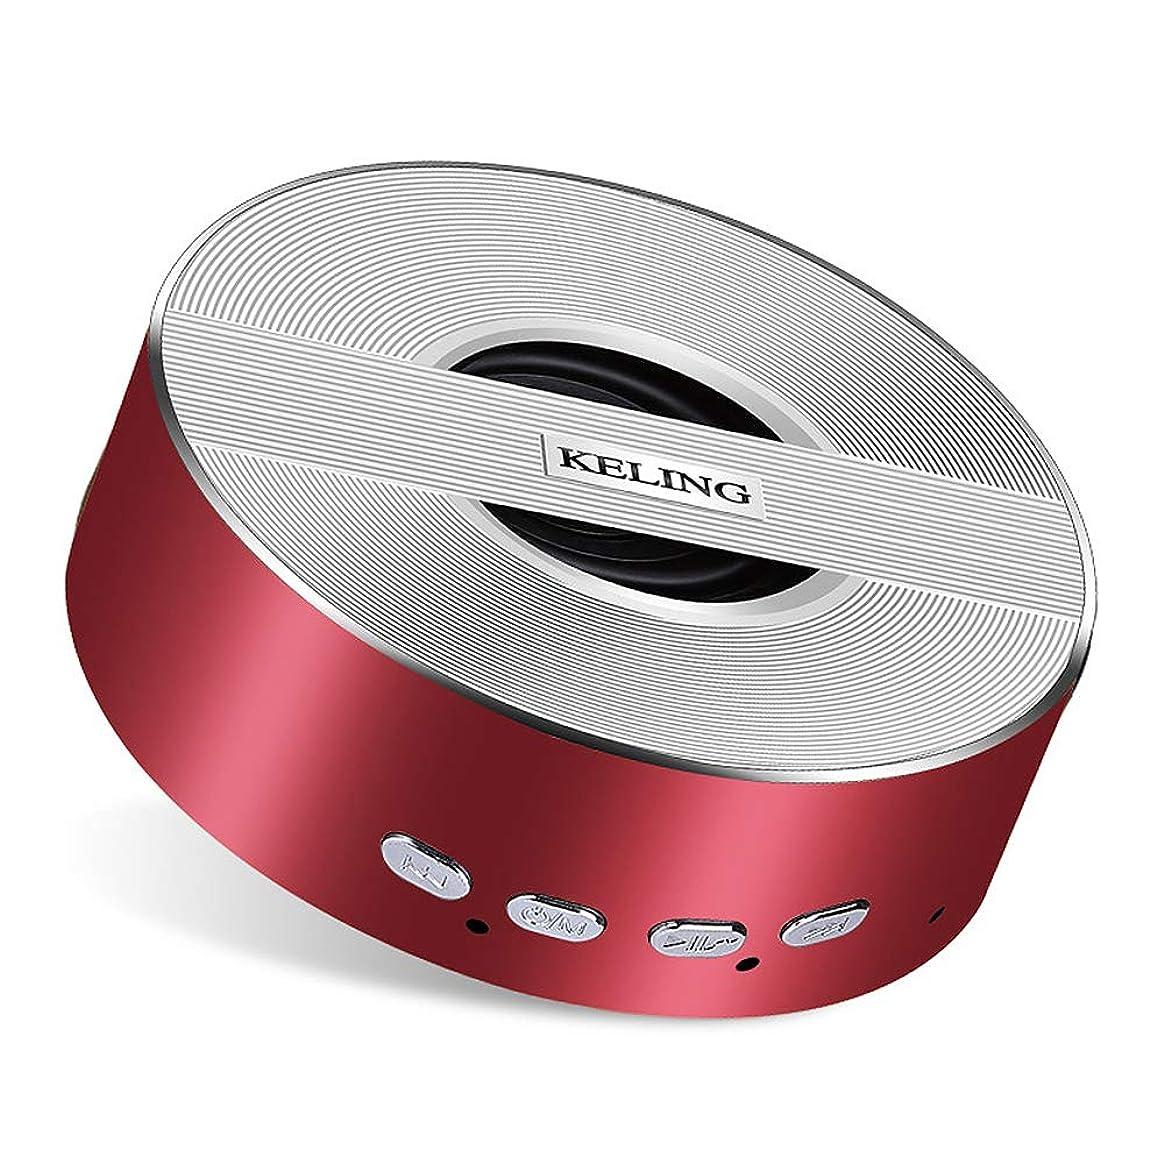 出身地メイン人生を作るXueliee A5 BluetoothのMP3携帯電話のタブレットのための無線小型携帯用スピーカー 8時間プレイ 臨場感満点 耐久性 USB給電式 mp3 iPod/iphone/ipad/CD